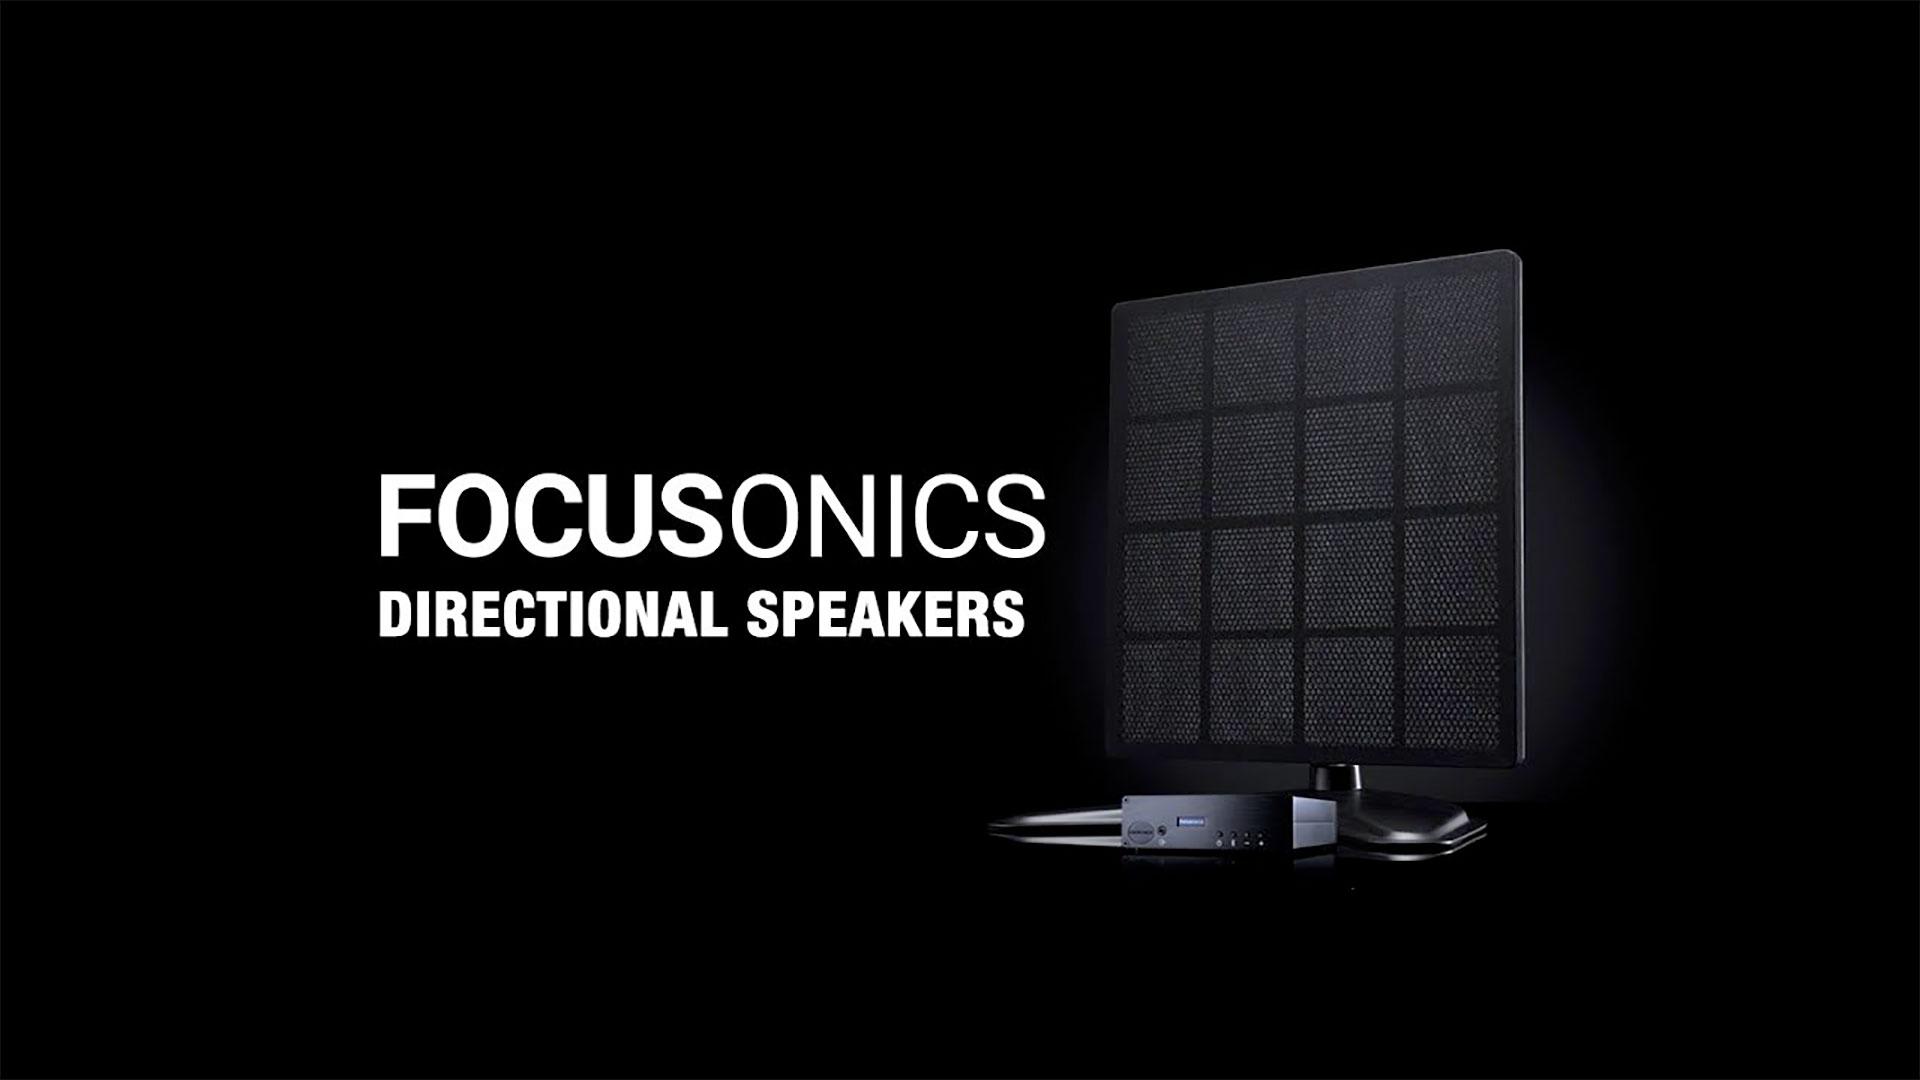 Focusonics Directional Speaker Op Website Hyperfocus